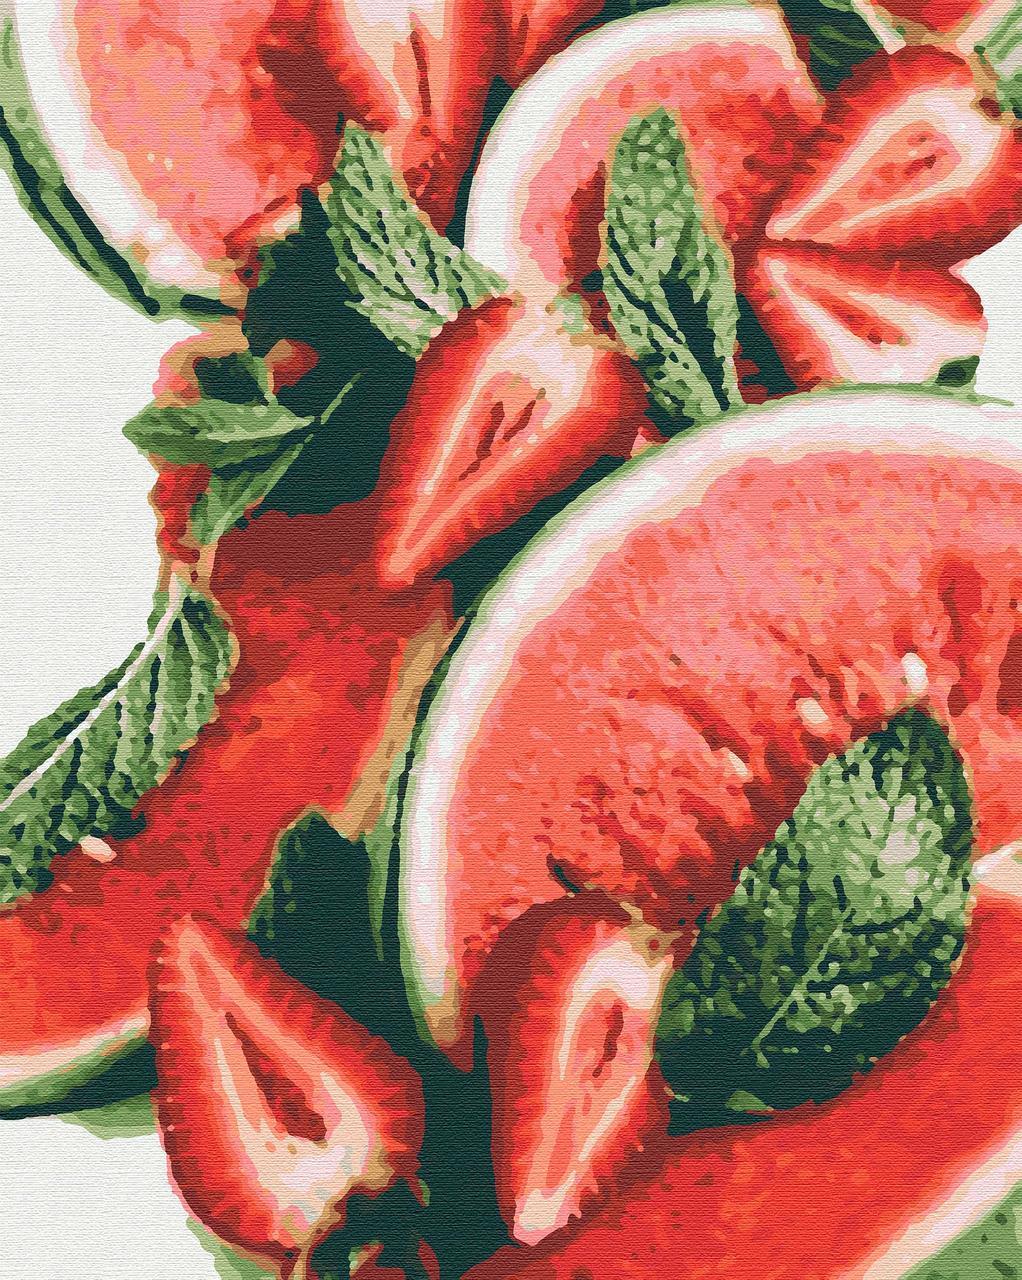 Картина по номерам фрукты 40х50 Сочные Ягоды